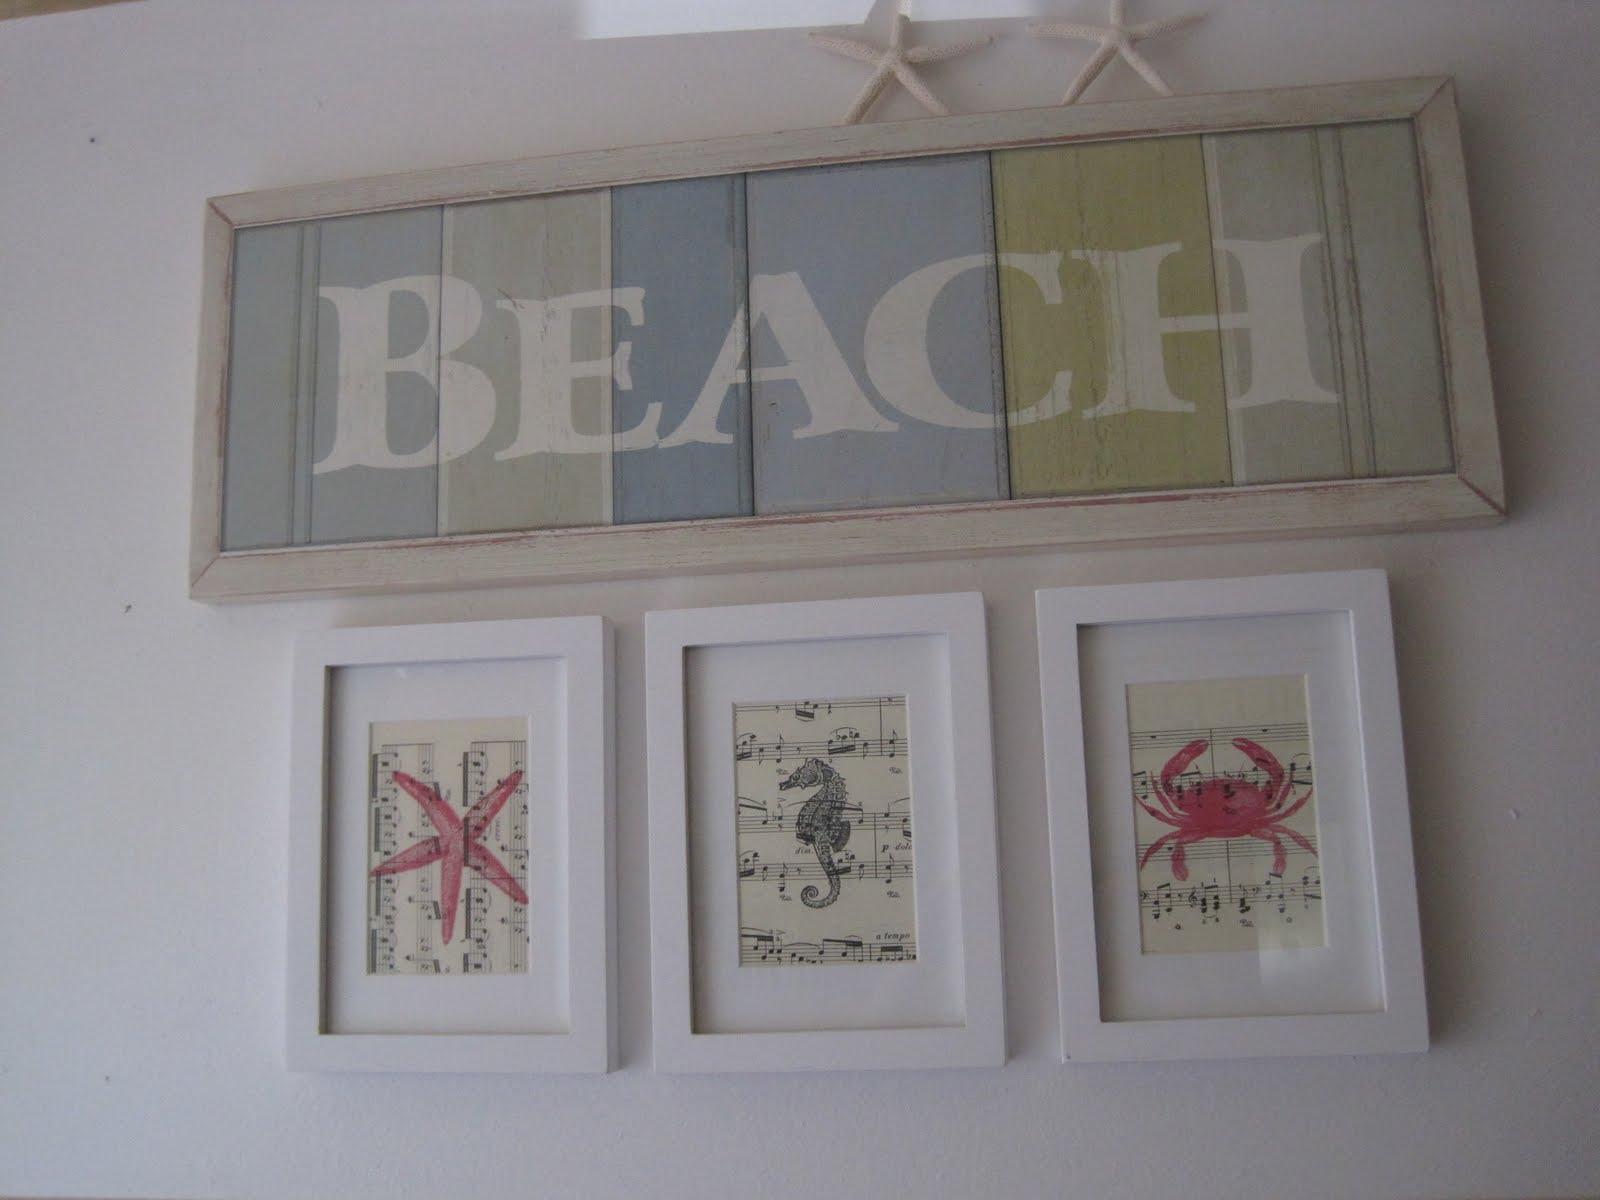 Beach Creatures Wall Art - Okio B Designs